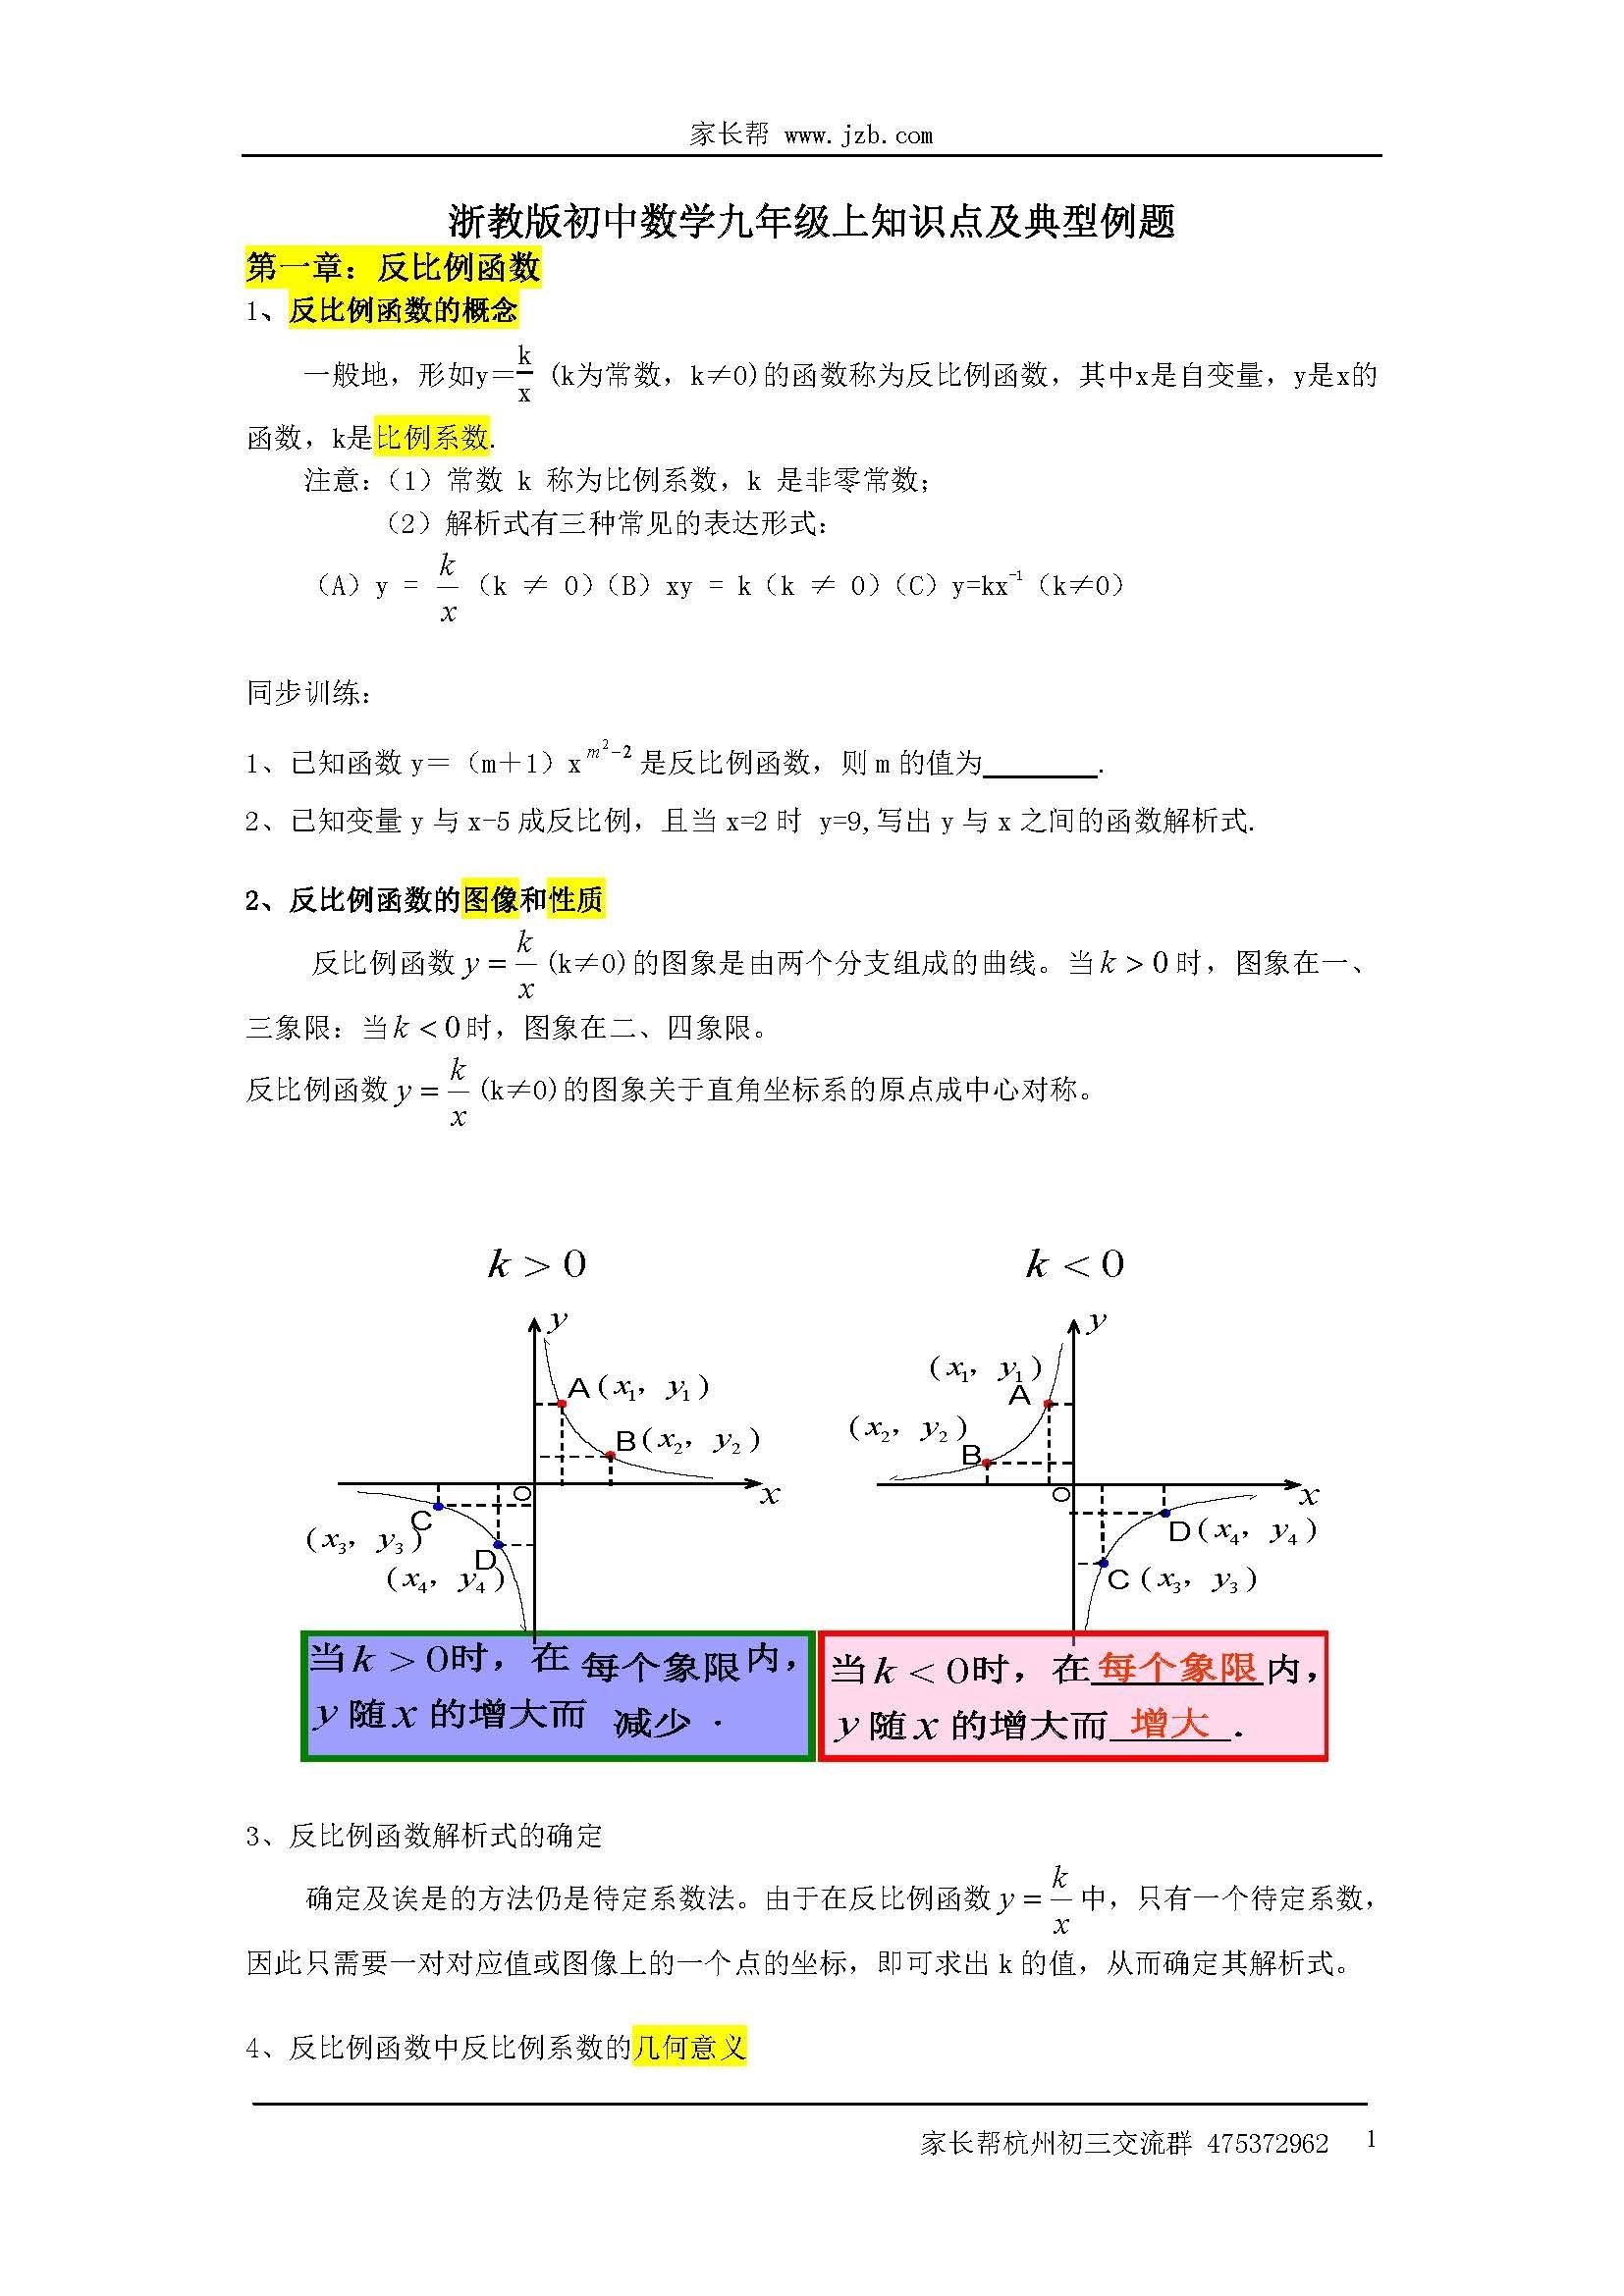 新浙教版数学九年级电子课本图片